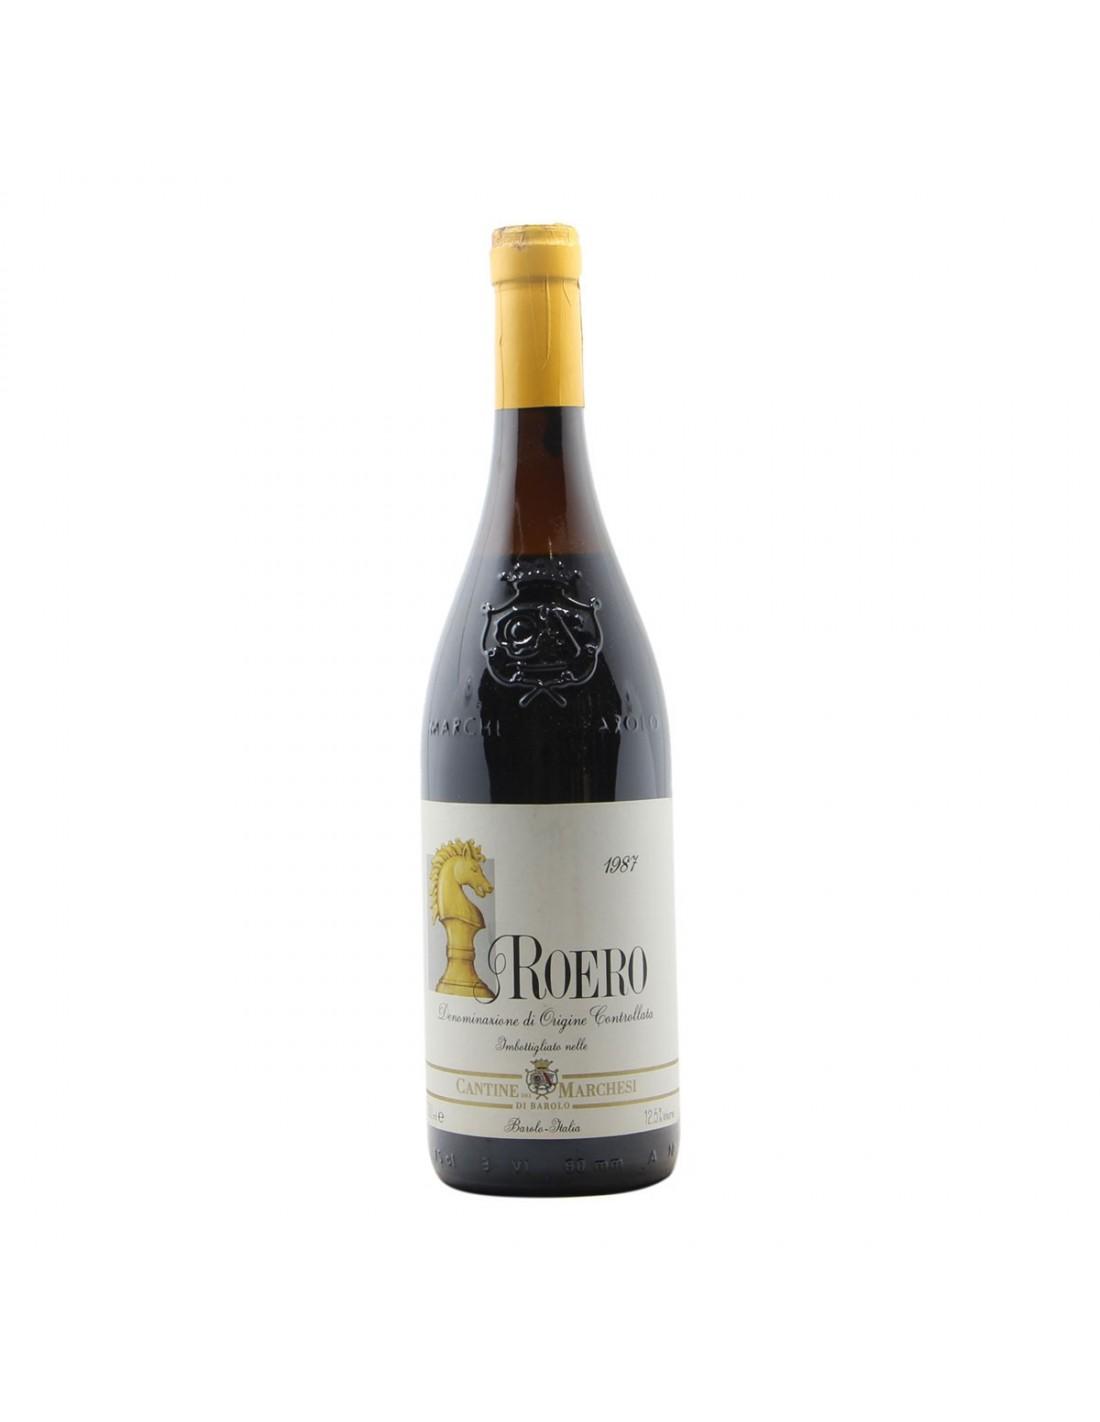 ROERO LOW LEVEL 1987 MARCHESI DI BAROLO GRANDI BOTTIGLIE